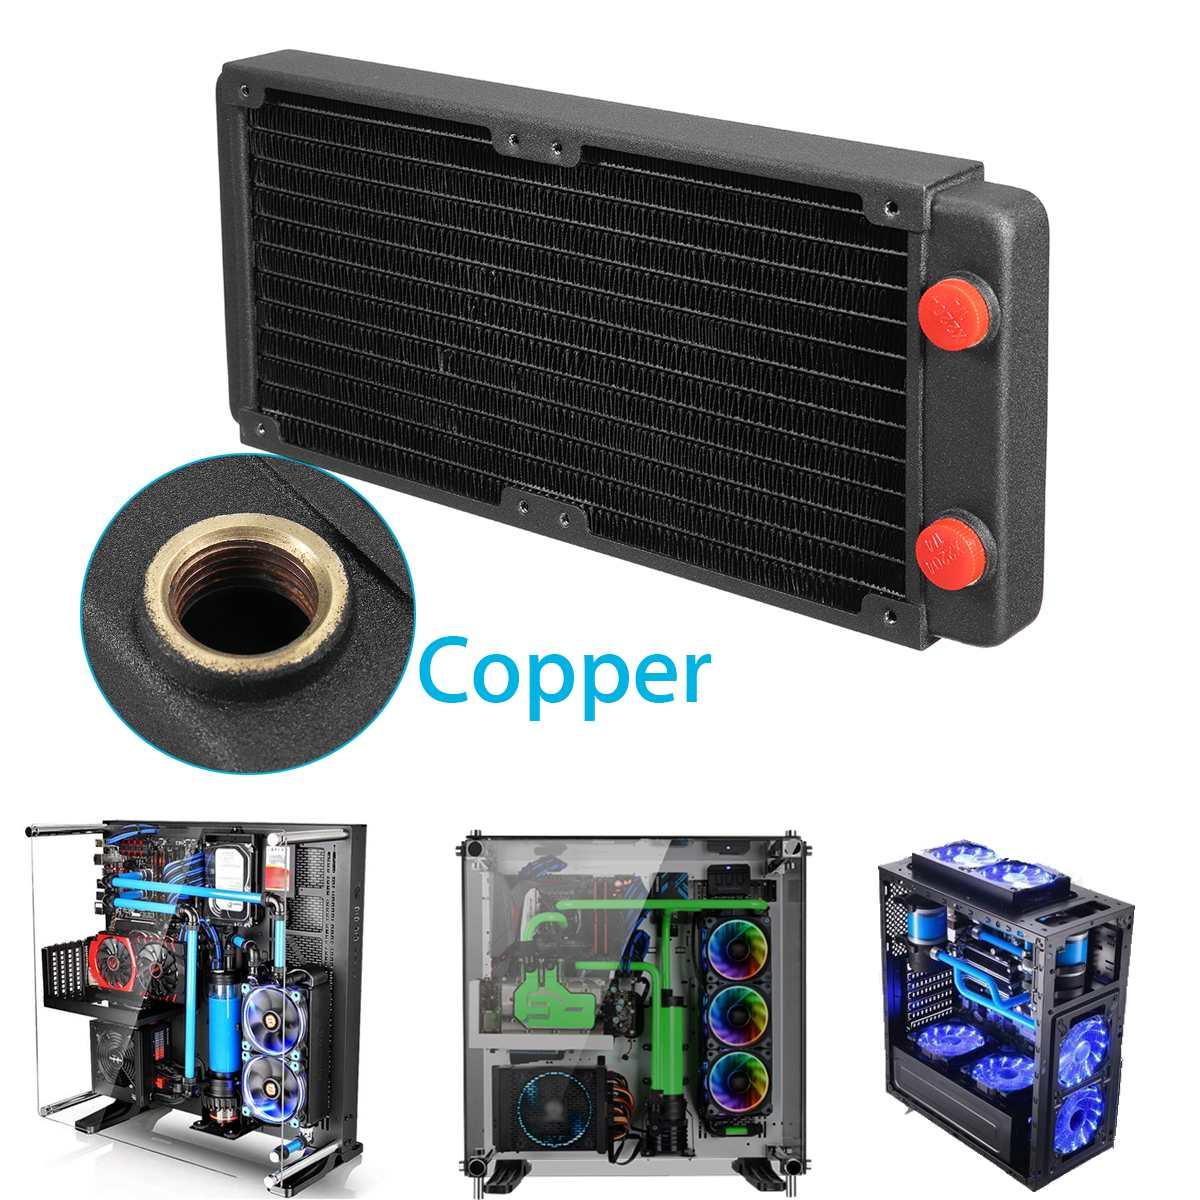 Refroidisseur d'eau en cuivre 240mm refroidisseur de processeur d'ordinateur radiateur radiateur radiateur échappement échangeur de chaleur refroidisseur d'eau